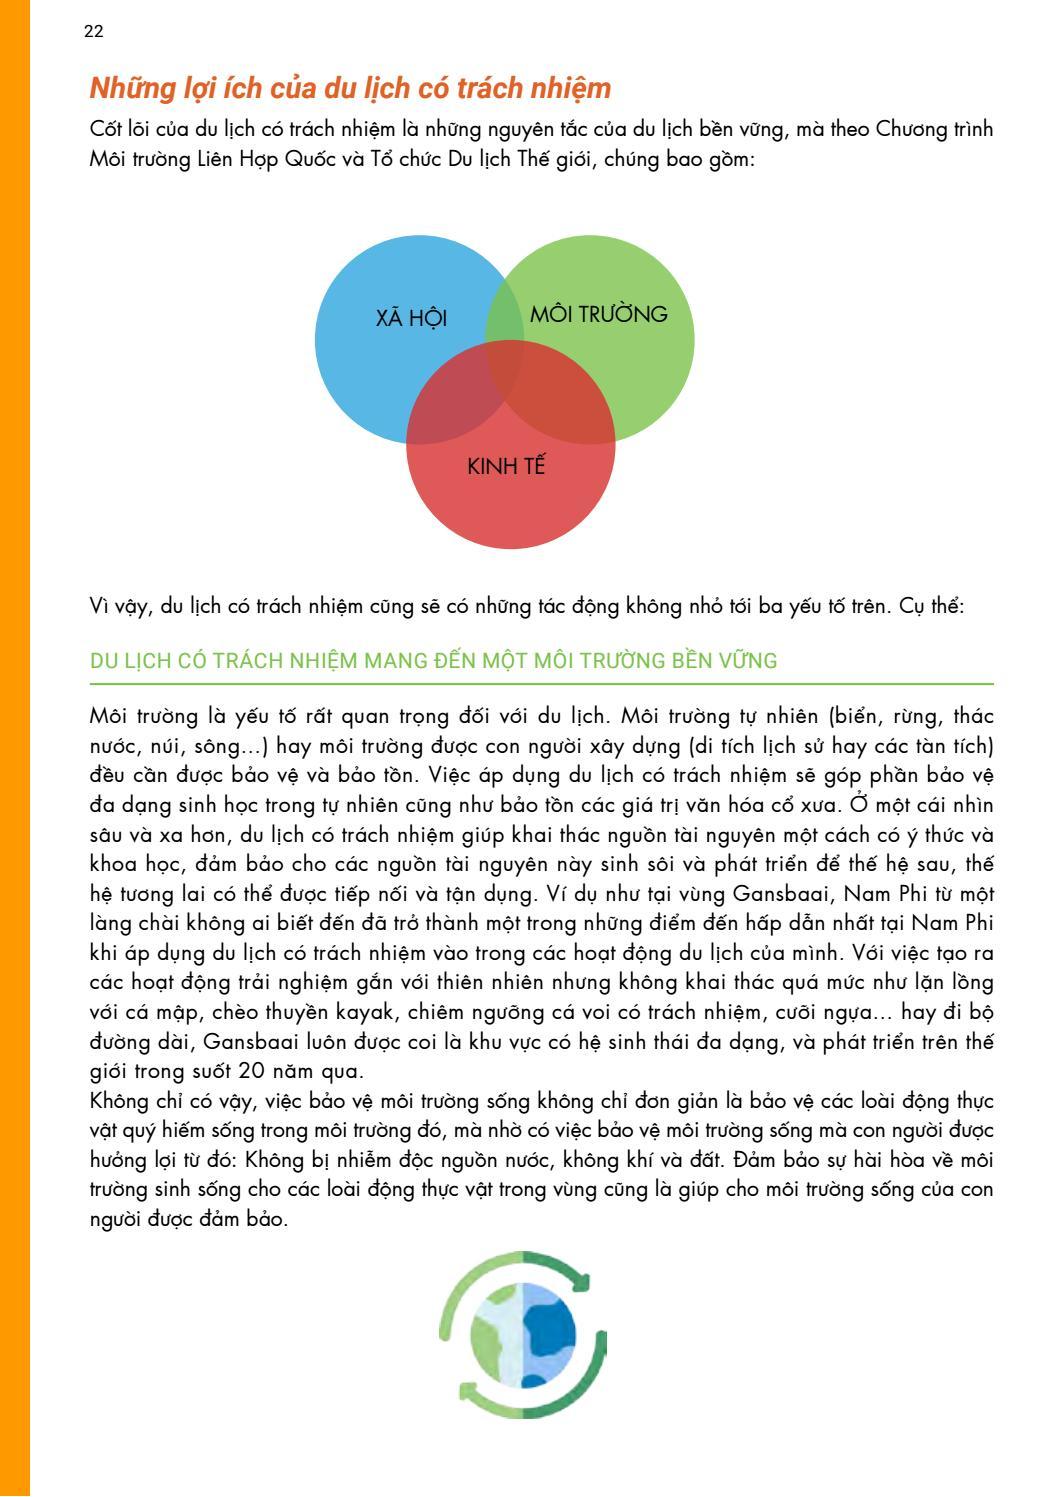 [Tài liệu LSST] Du lịch có trách nhiệm page 22